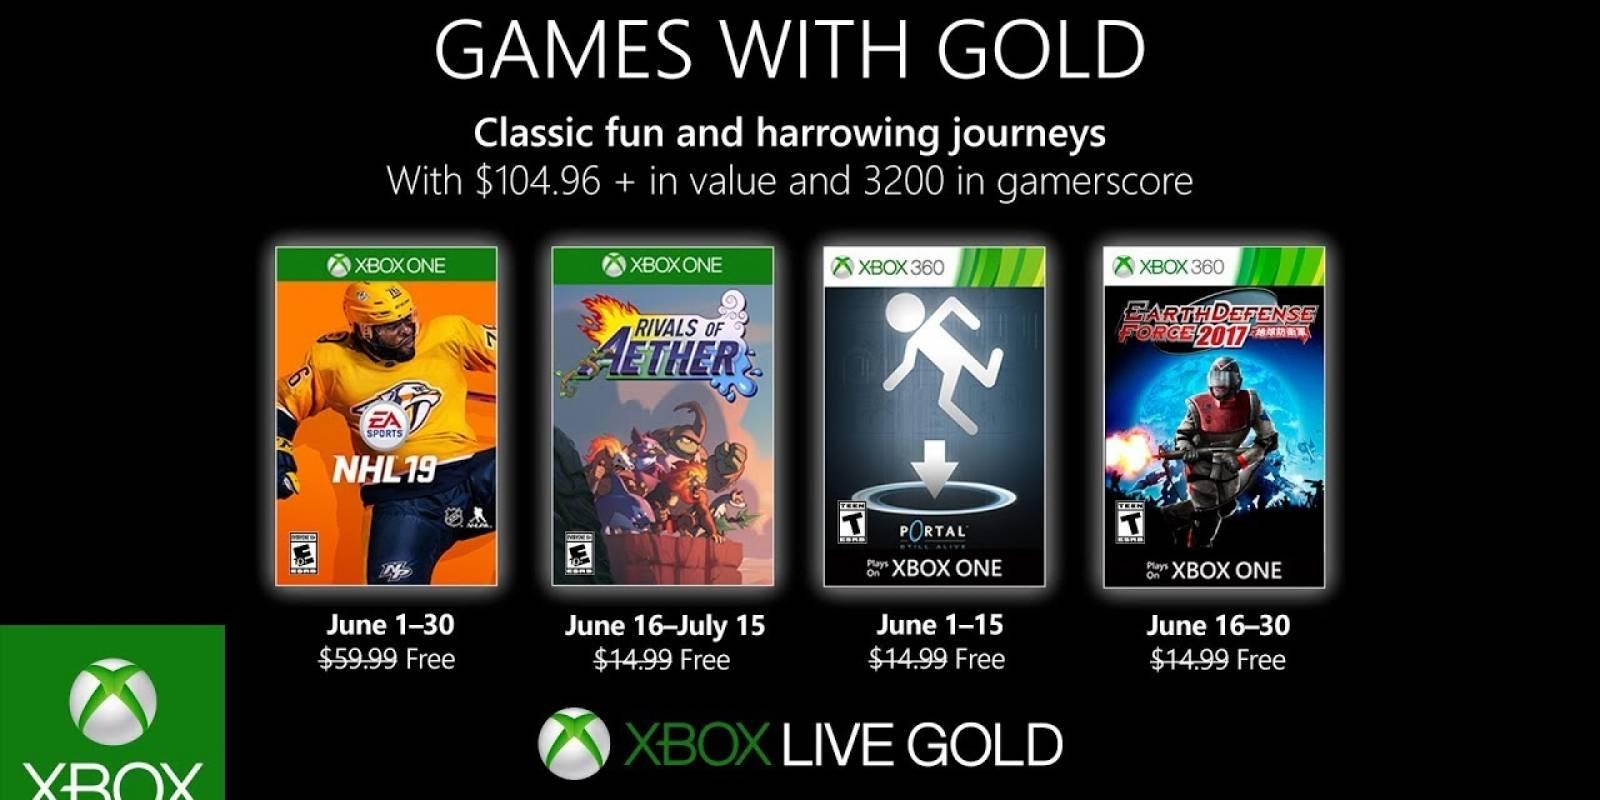 Xbox Estos Son Los Juegos Gratuitos De Games With Gold Para